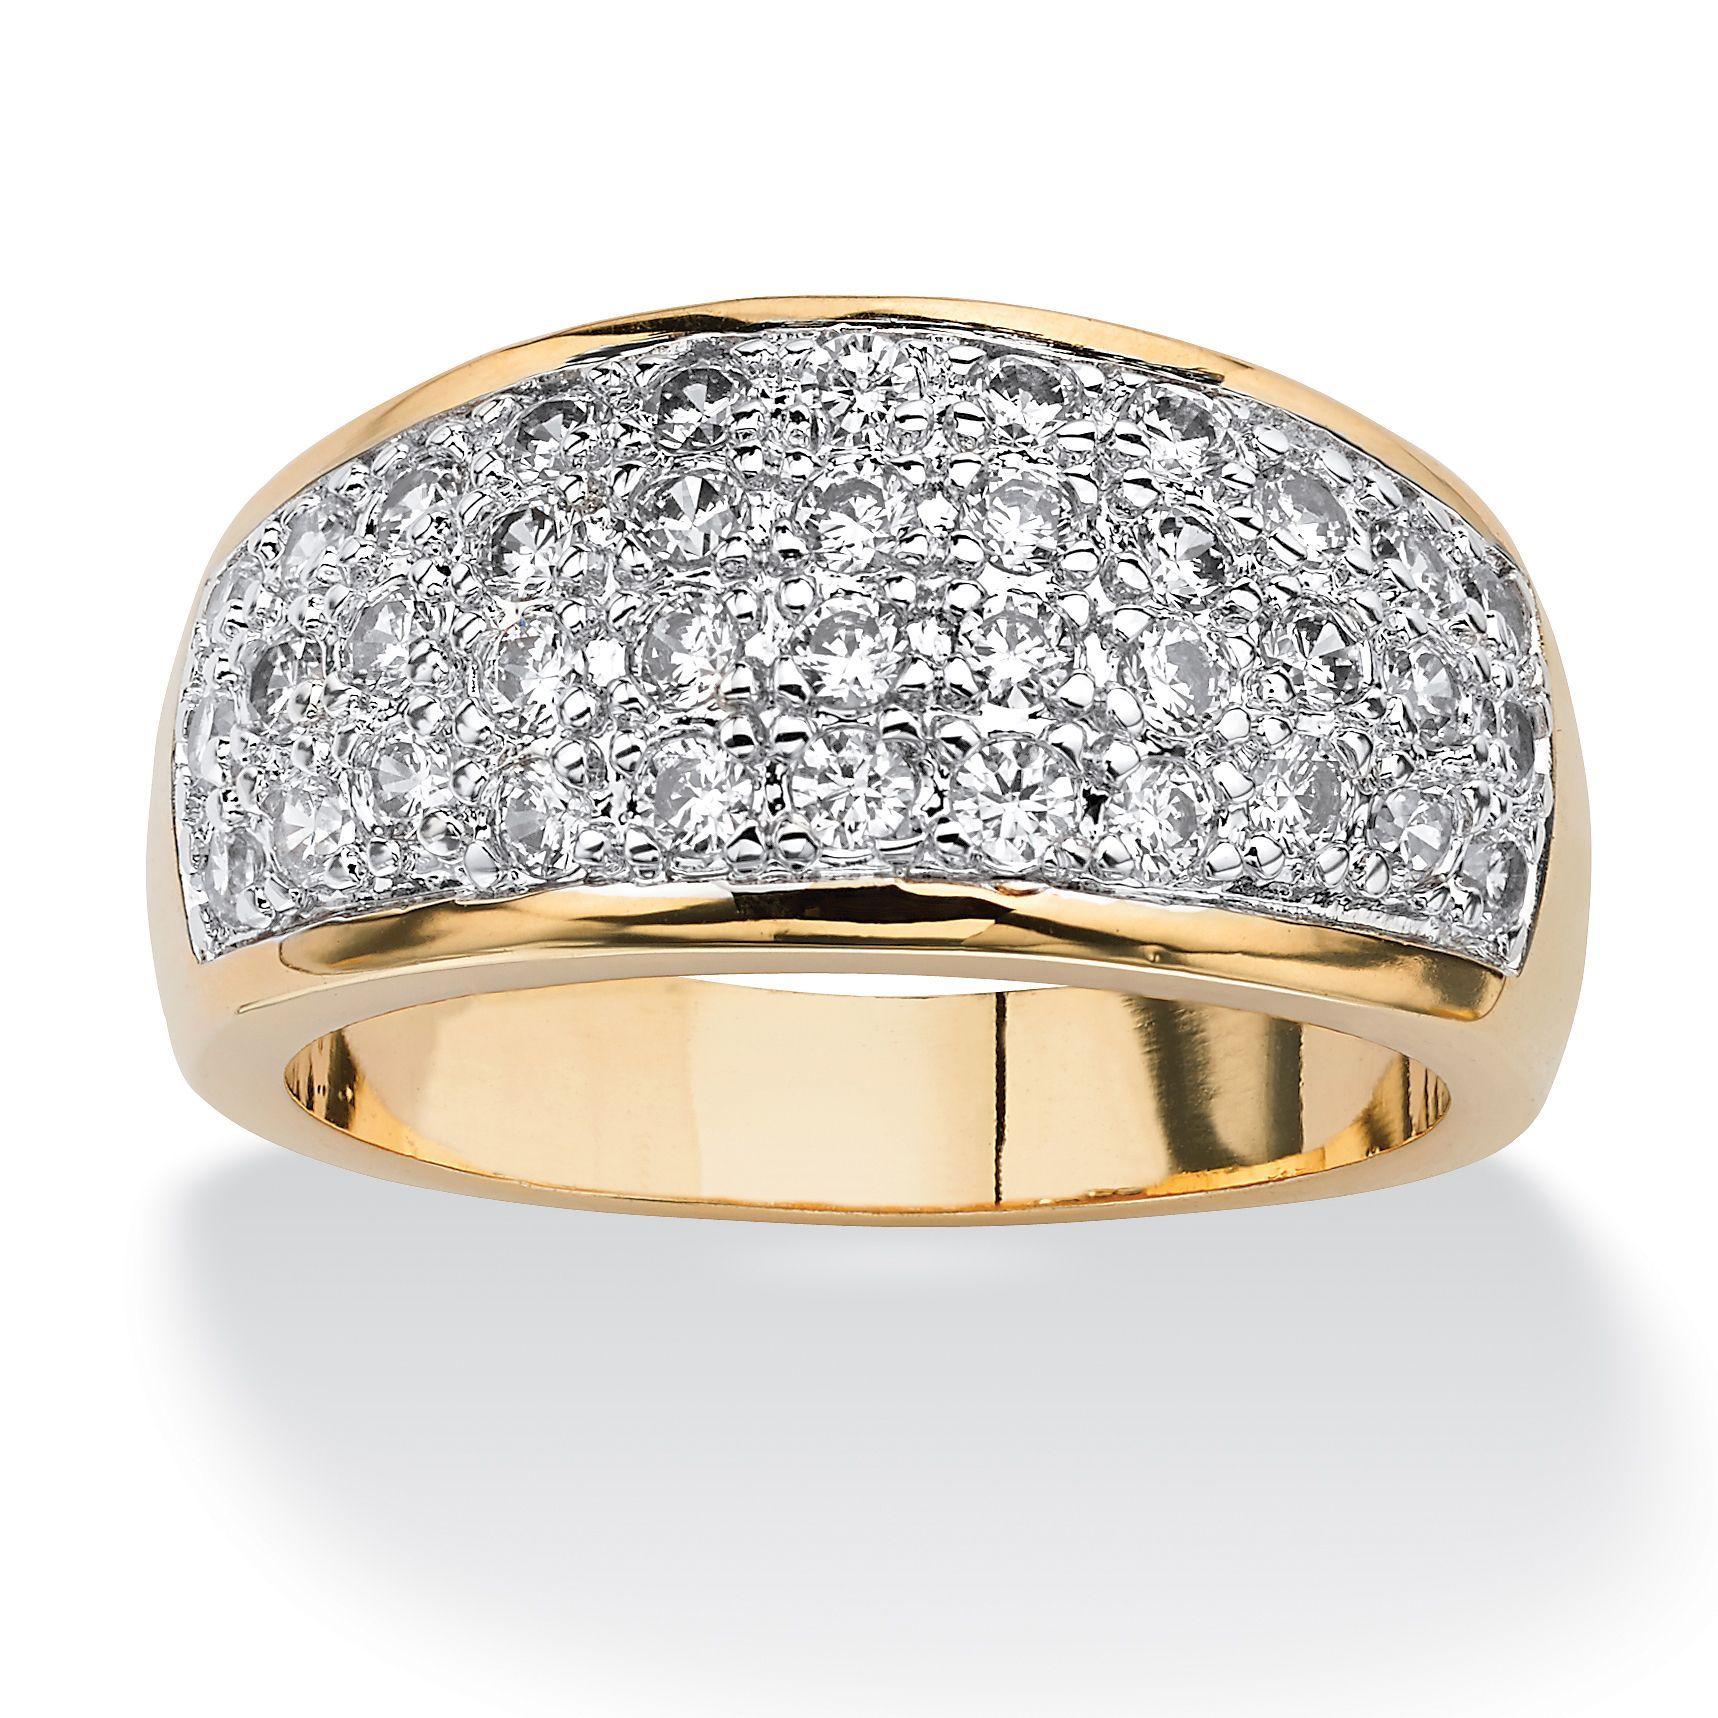 41c36b0c083 Palm Beach Jewelry PalmBeach 1.25 TCW Pave Cubic Zirconia in 14k Gold-Plated  Classic CZ